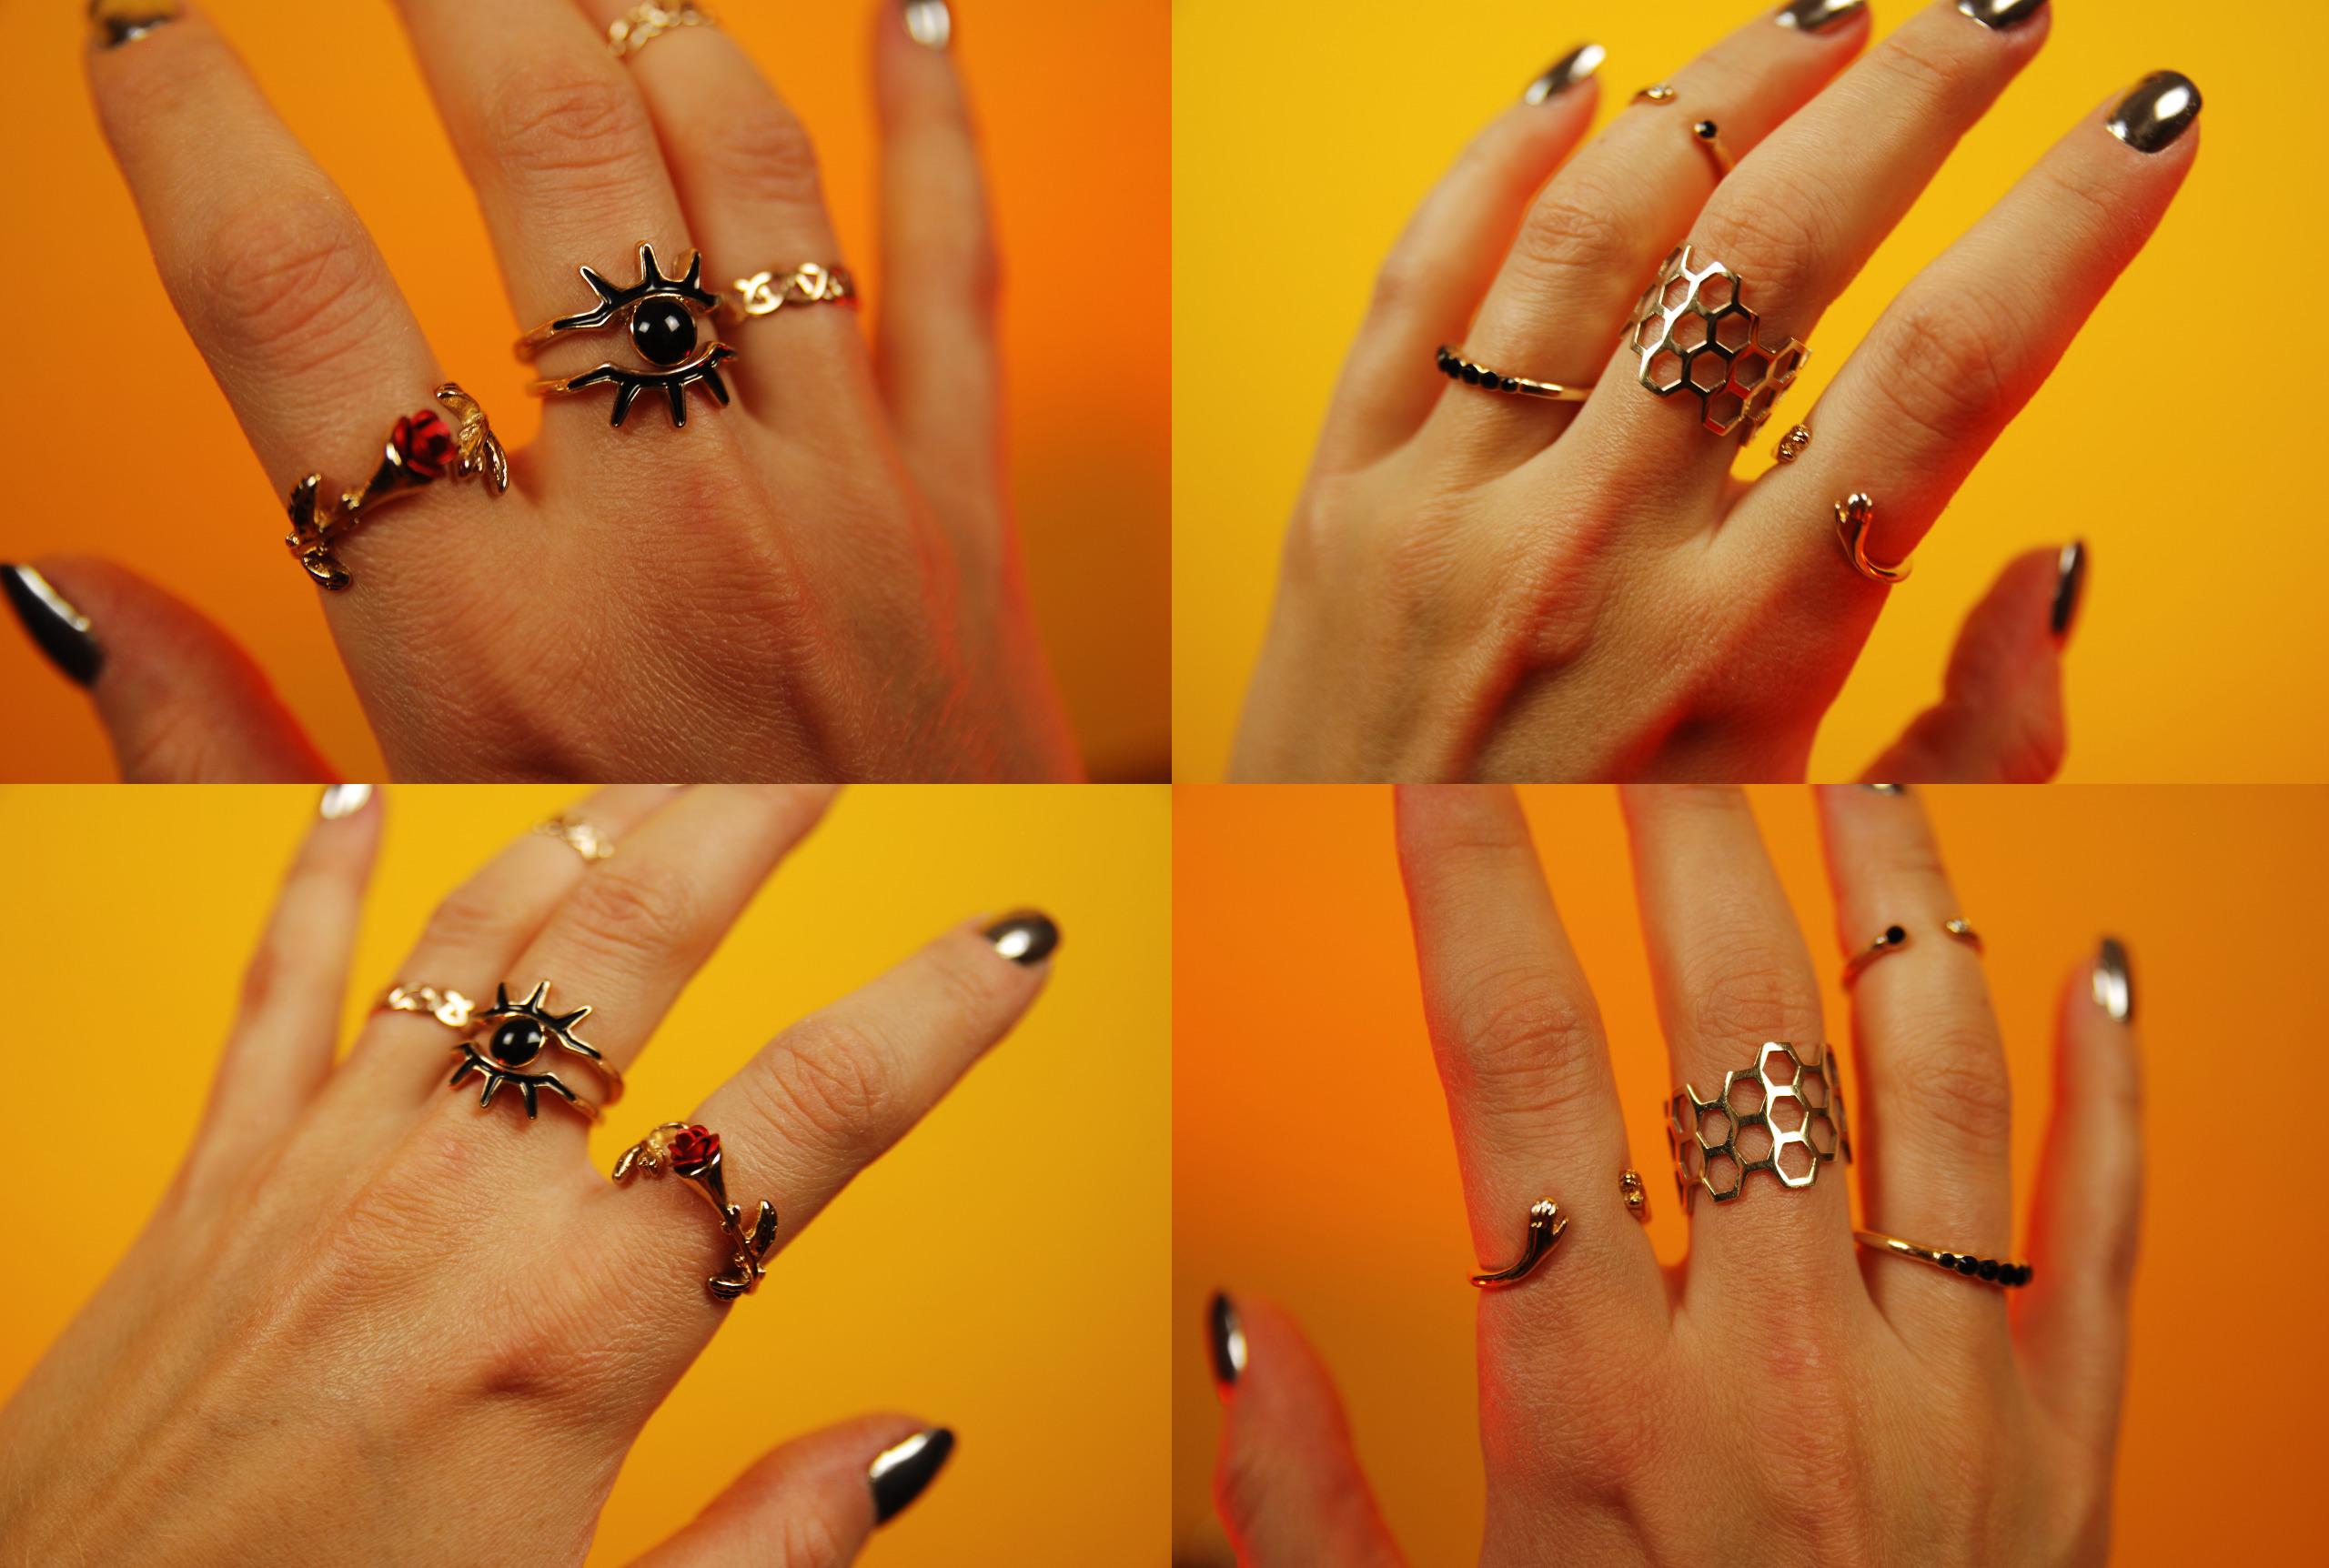 Zdjęcie podzielone jest na cztery części i przedstawia dłonie ze złotymi pierścionkami i srebrnymi paznokciami, całość na żółtym tle.